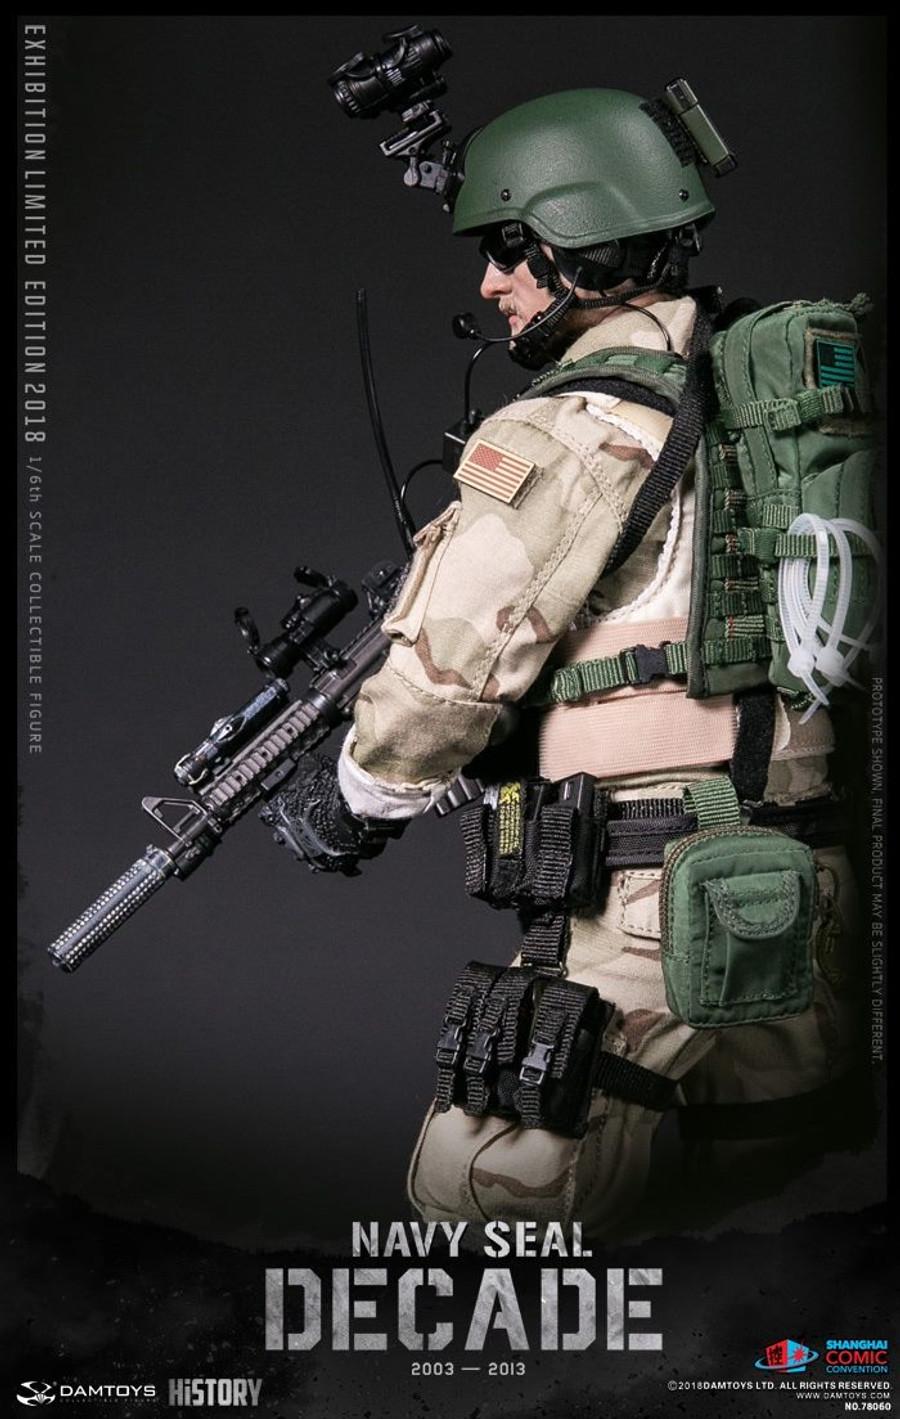 DAM Toys - Navy Seal Decade 2003-2013 (SHCC Exclusive)